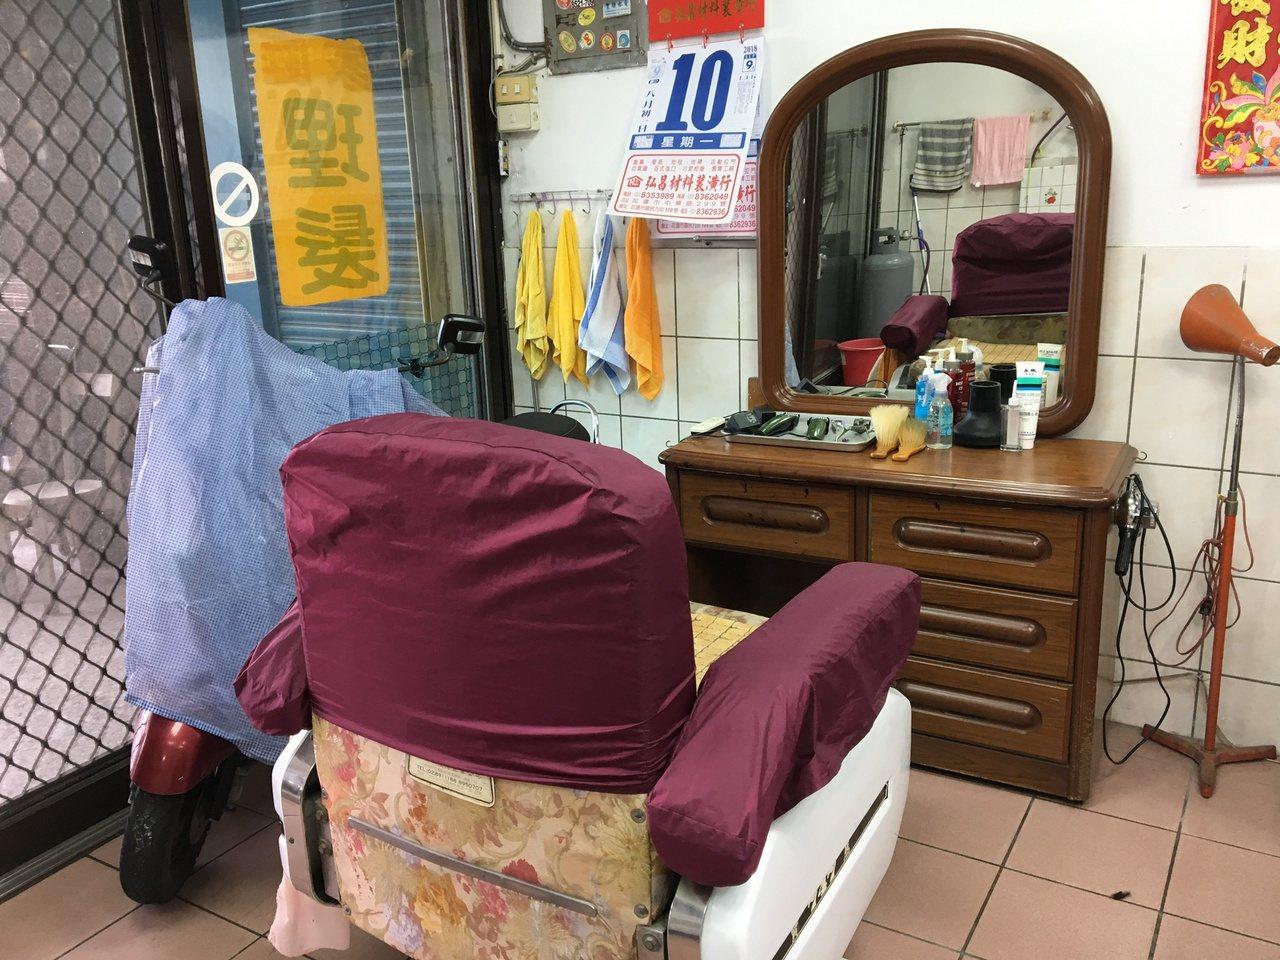 蔡三貴的理髮店就開在家裡的客廳,從座椅到梳妝台有著濃濃的復古味。記者徐庭揚/攝影